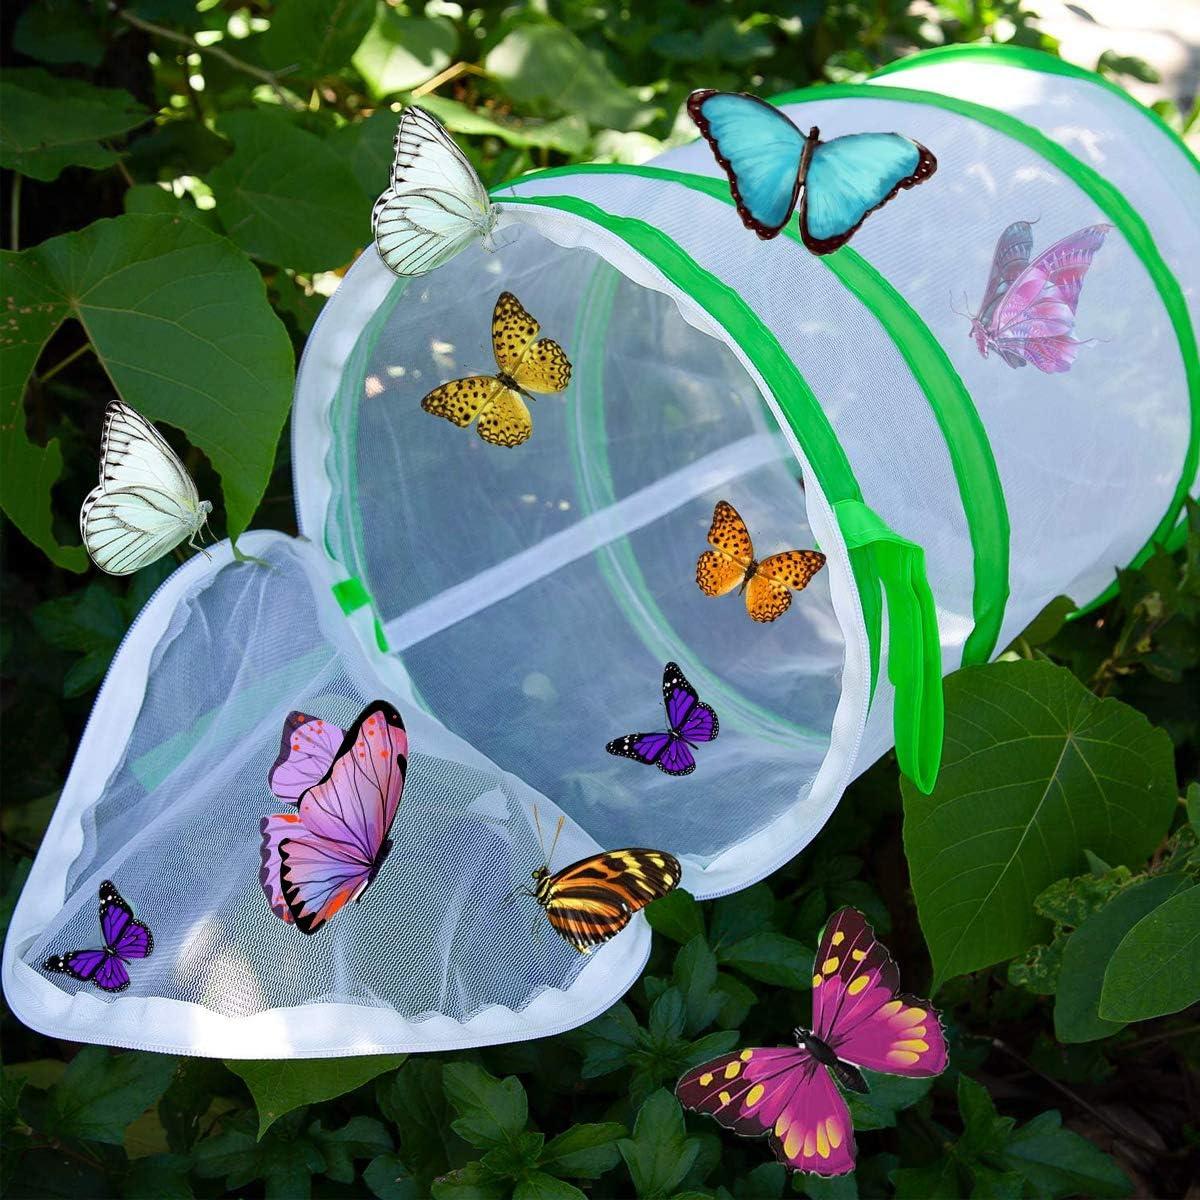 Yueser Schmetterling Lebensraum K/äfig Insekten und Schmetterling Habitat Zusammenklappbar Pop-up Schutz K/äfig Net Mesh Insekten Pflanzenk/äfig